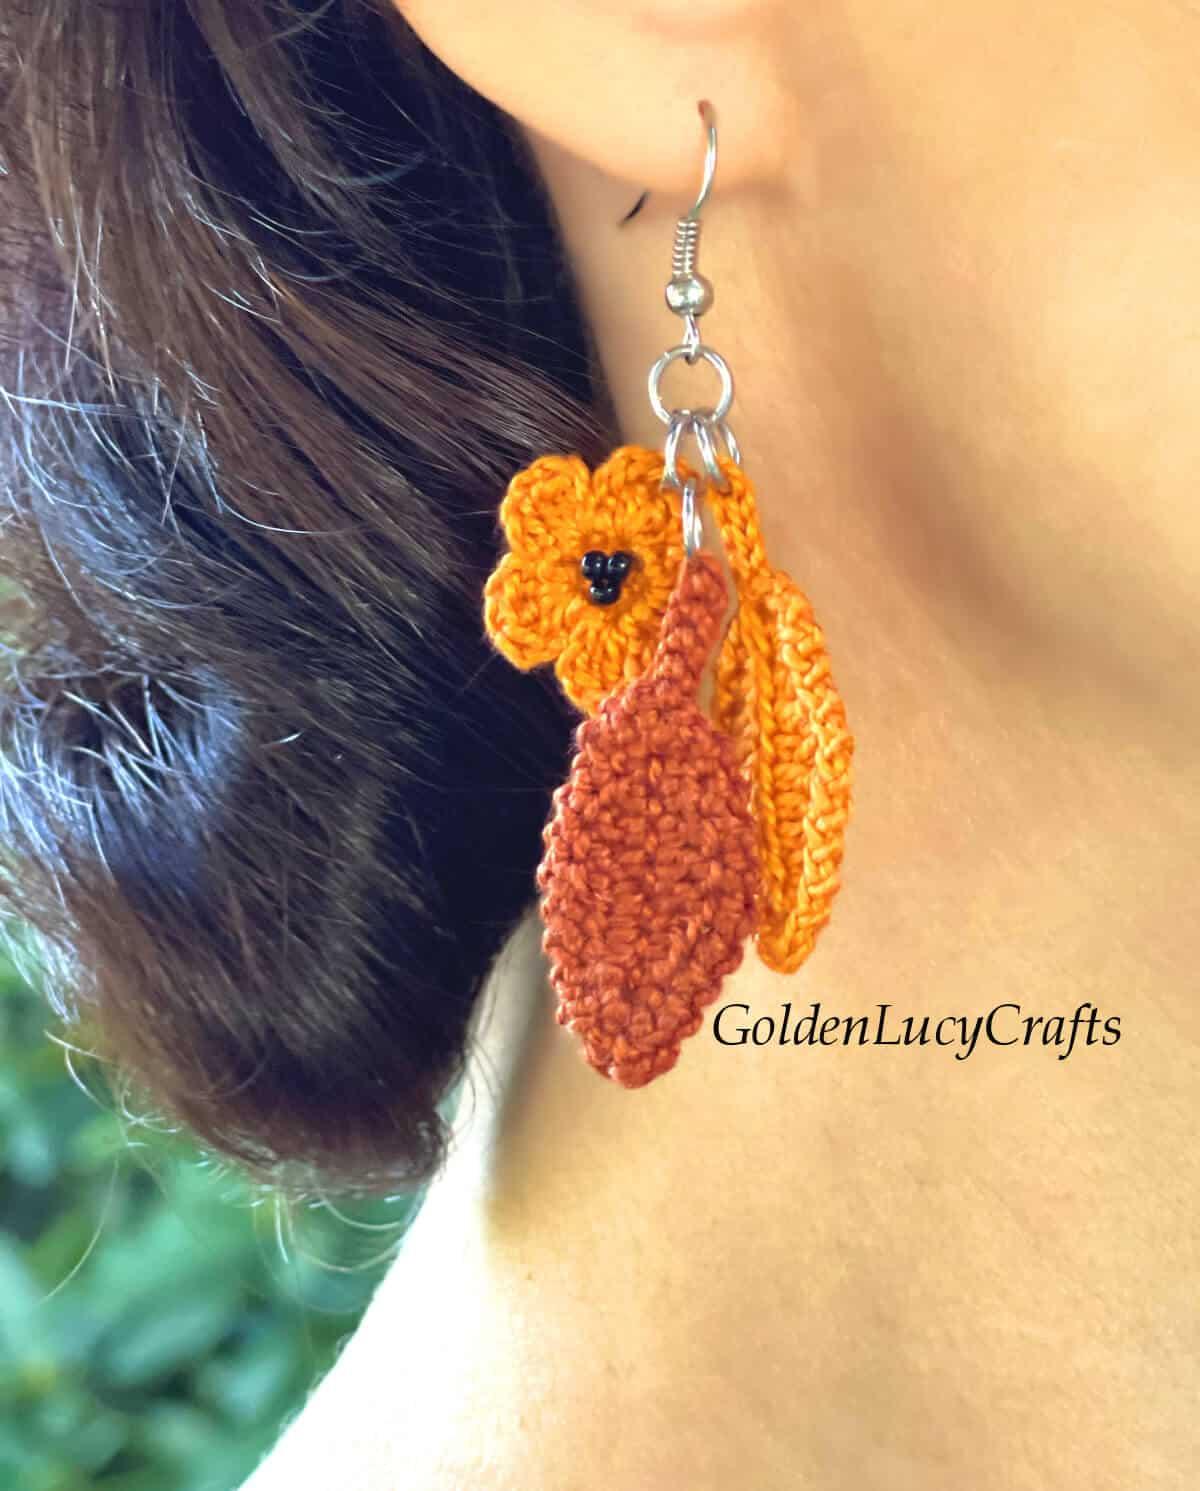 Model is wearing crocheted Fall earrings.